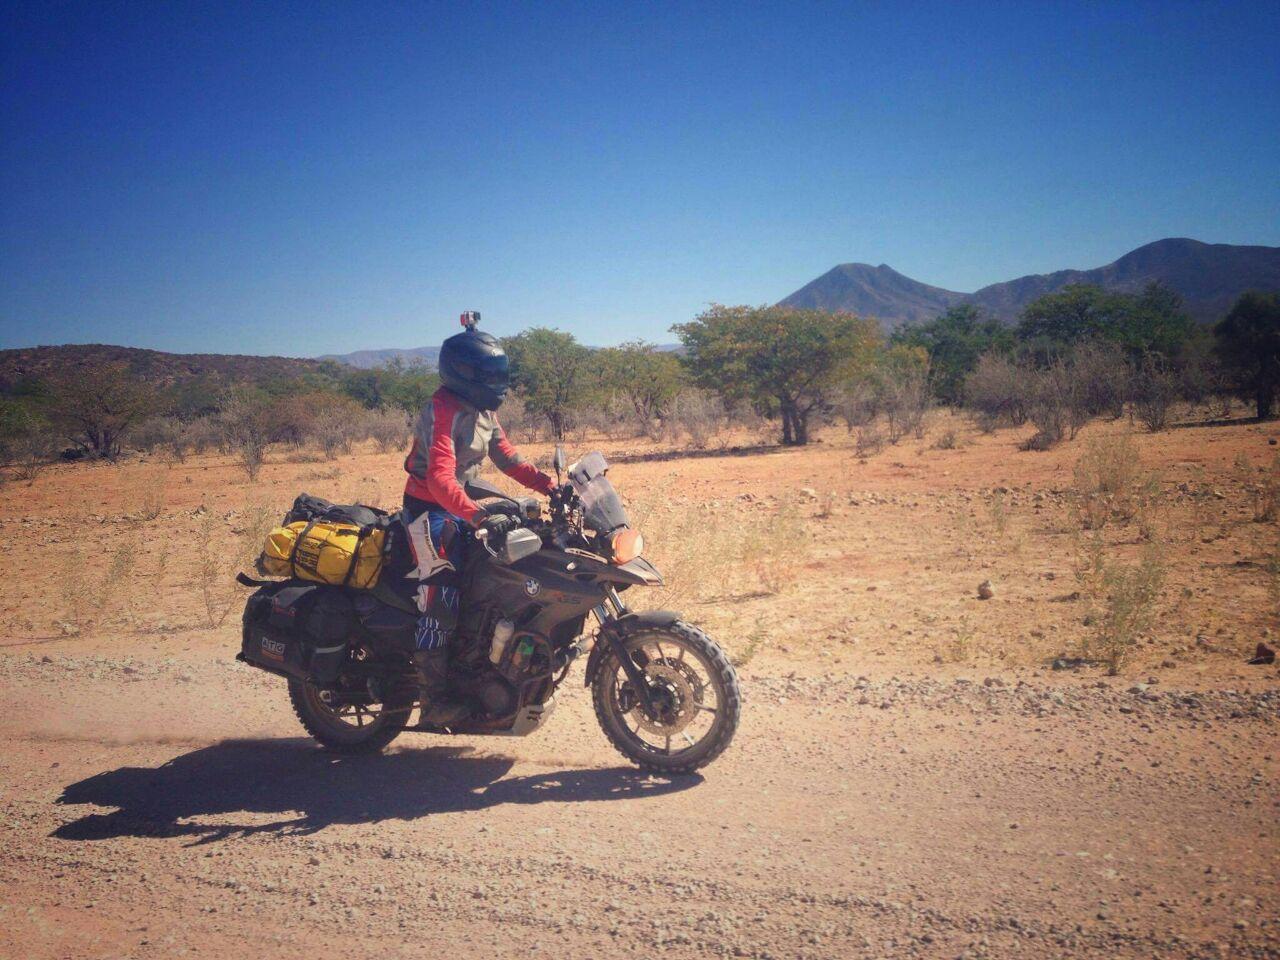 יום קל בדרום אפריקה